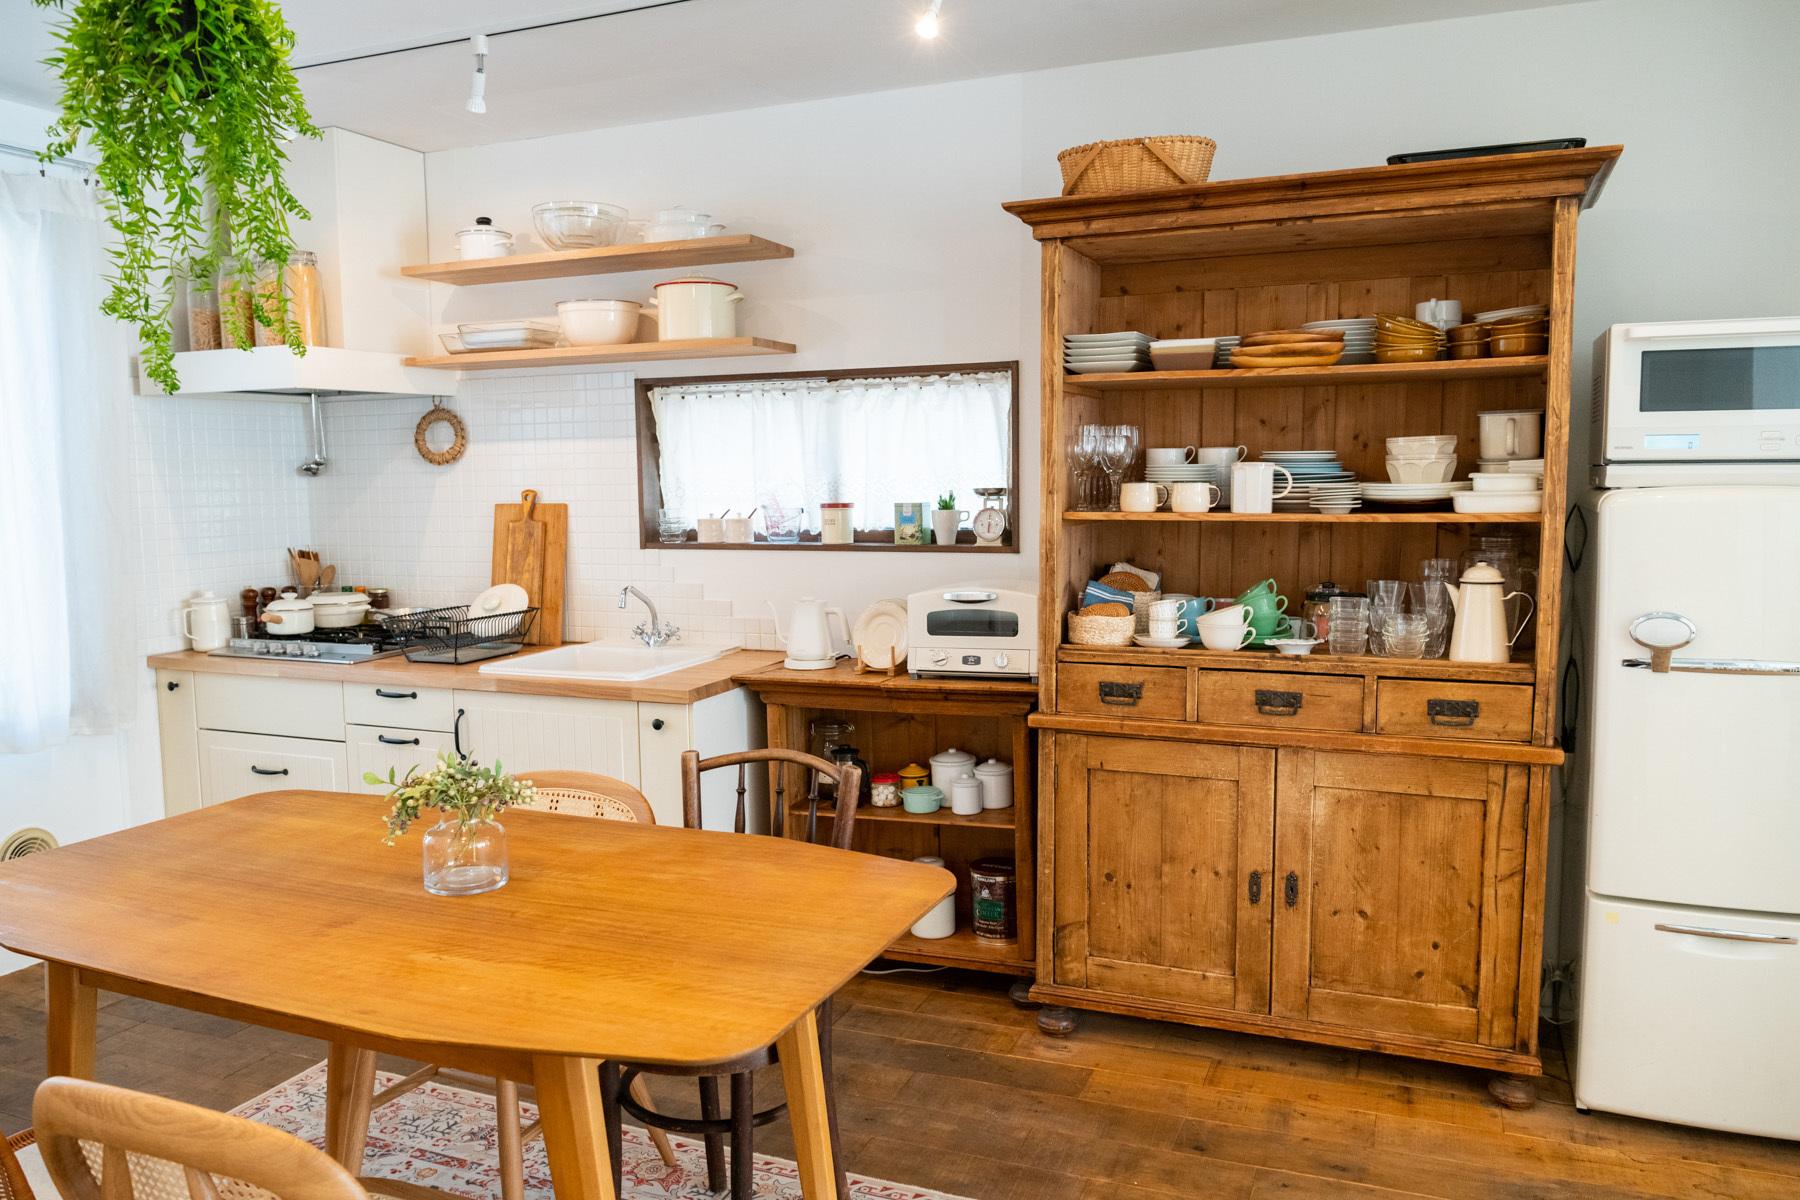 studio Licorne 下馬 (スタジオリコルネ下馬)2F キッチンで調理可能です